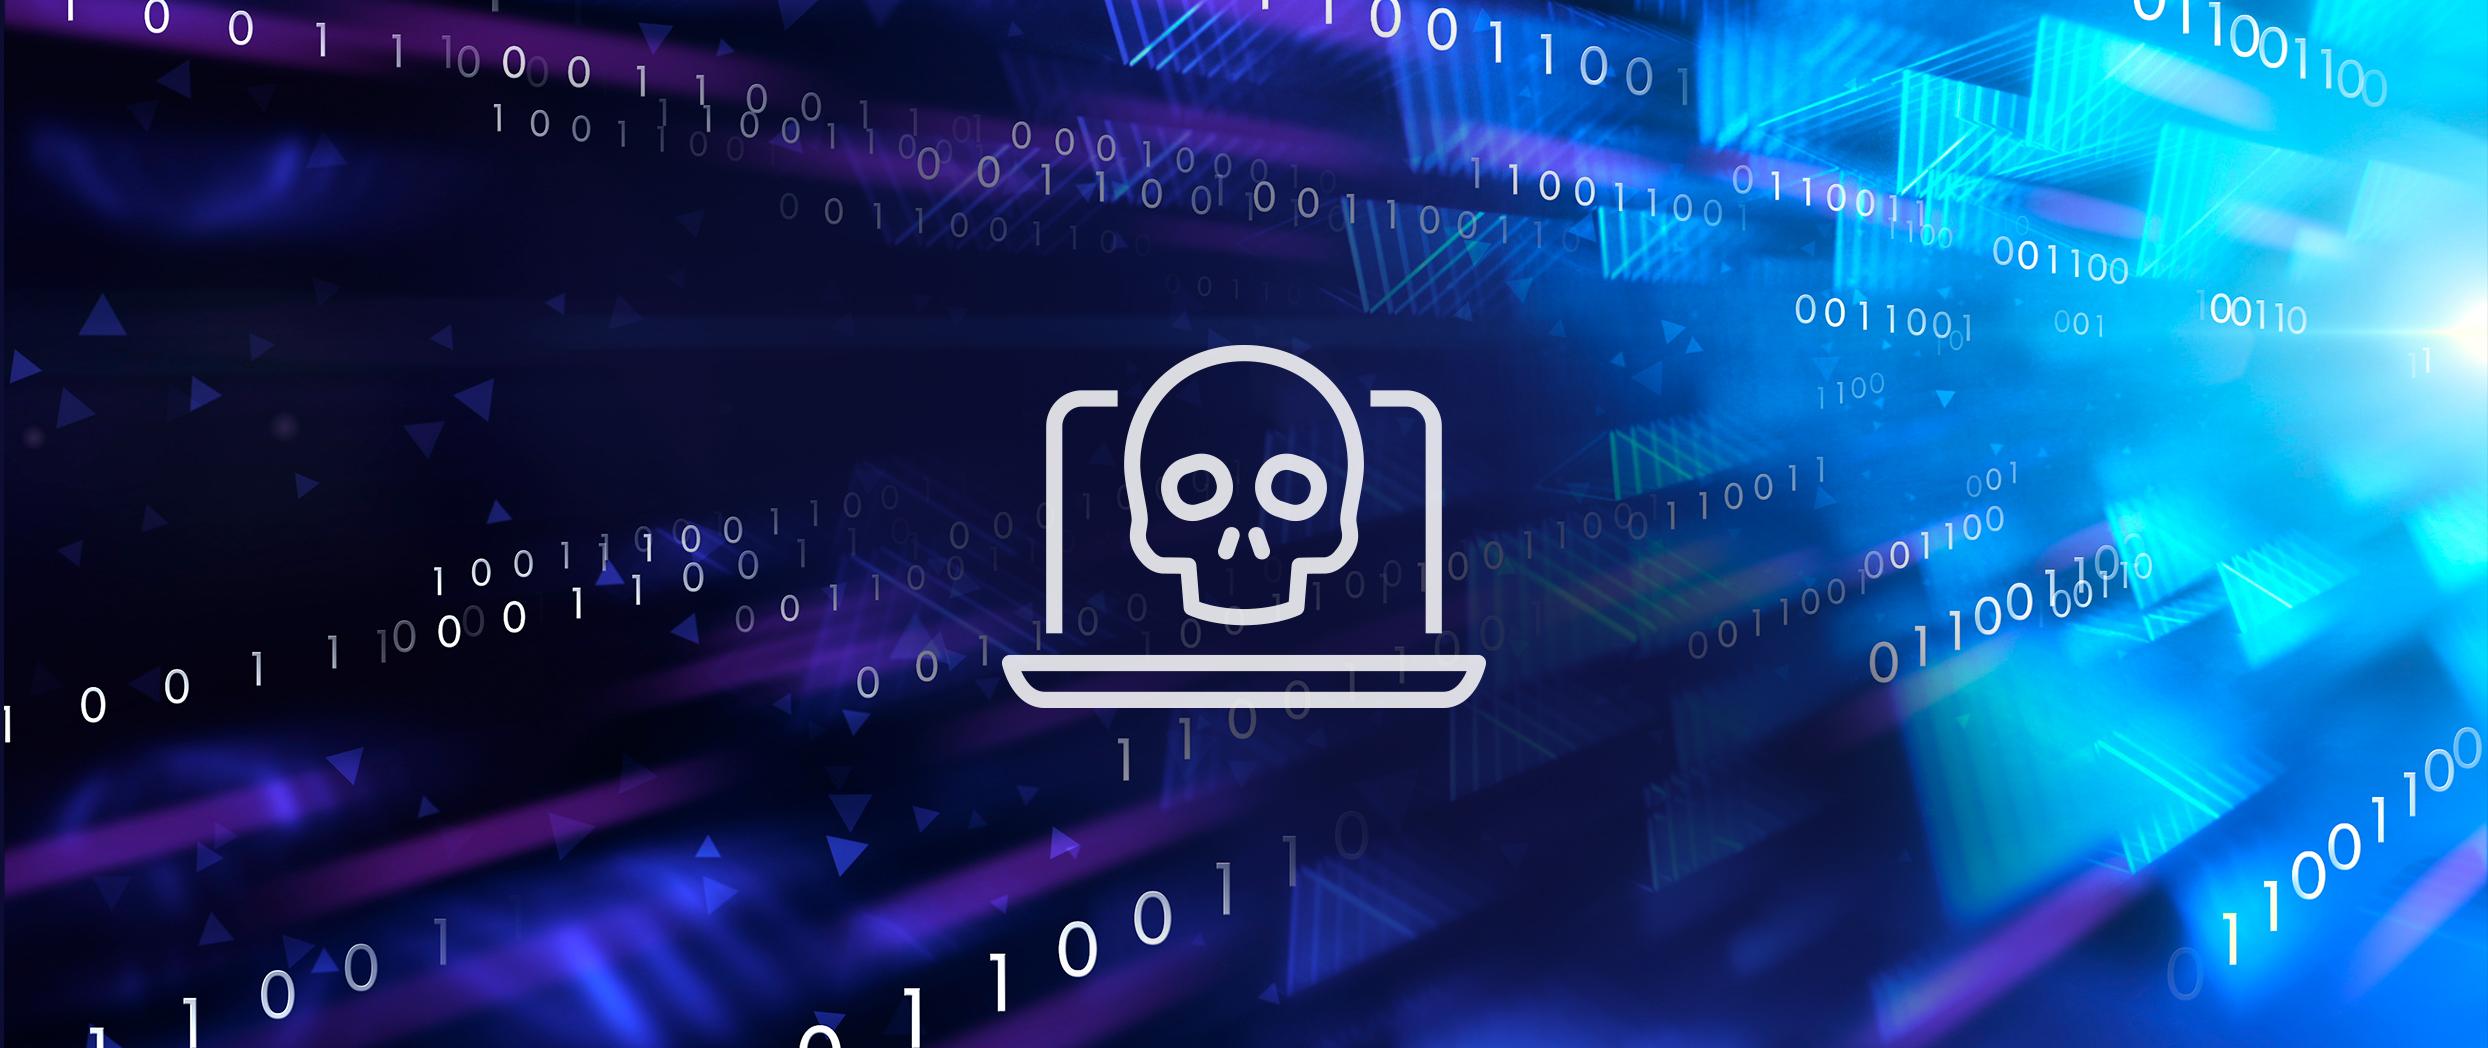 BendyBear, un malware para ciberespionaje extremadamente difícil de detectar